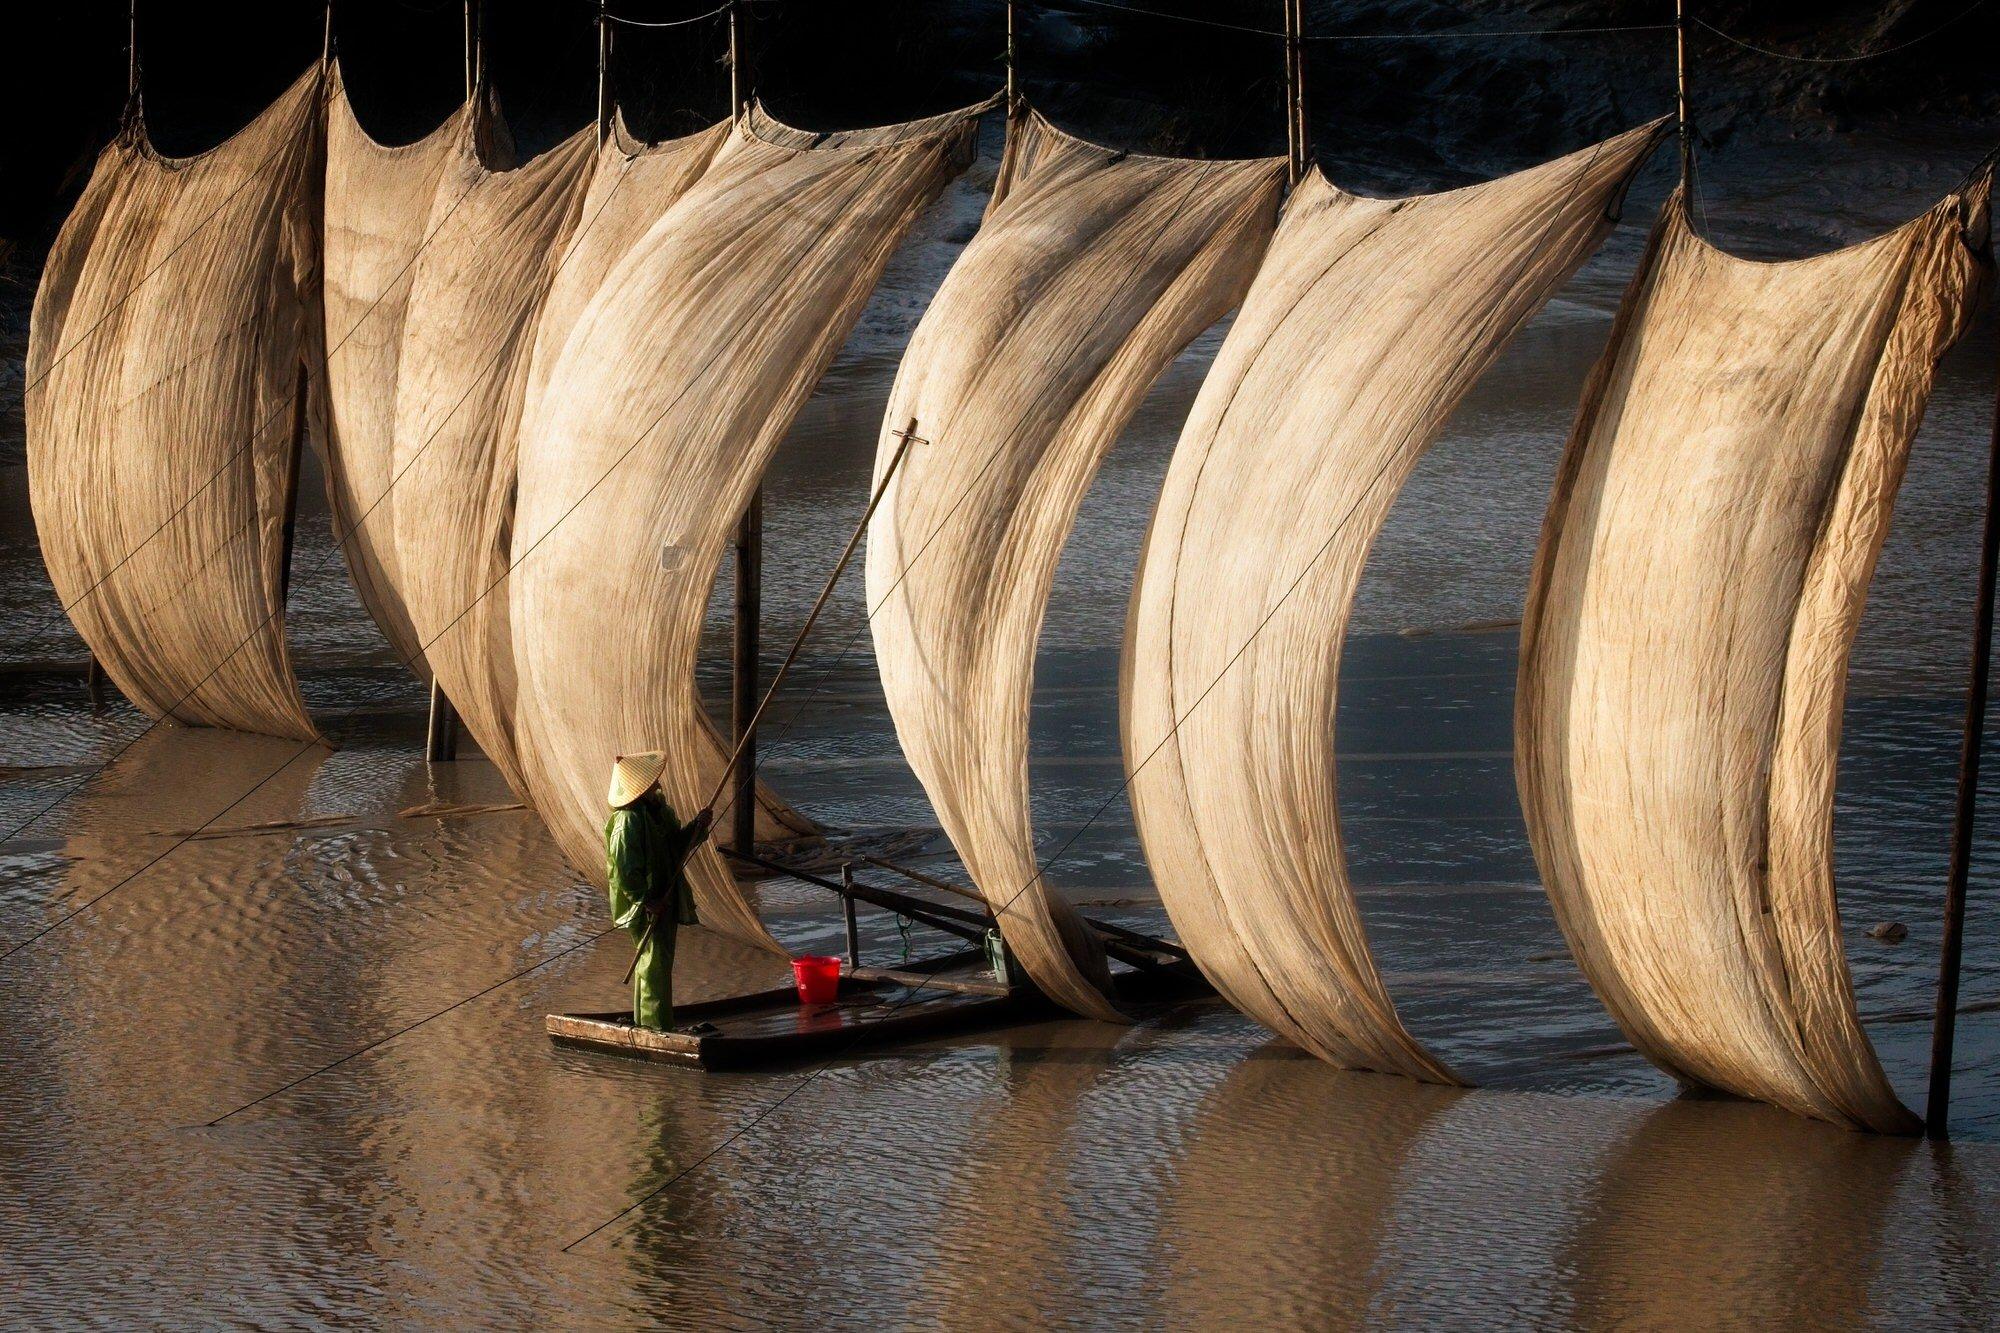 Fishing Nets Drying in the sun in Xiapu, Fujian province, China Photography by Claire Tan